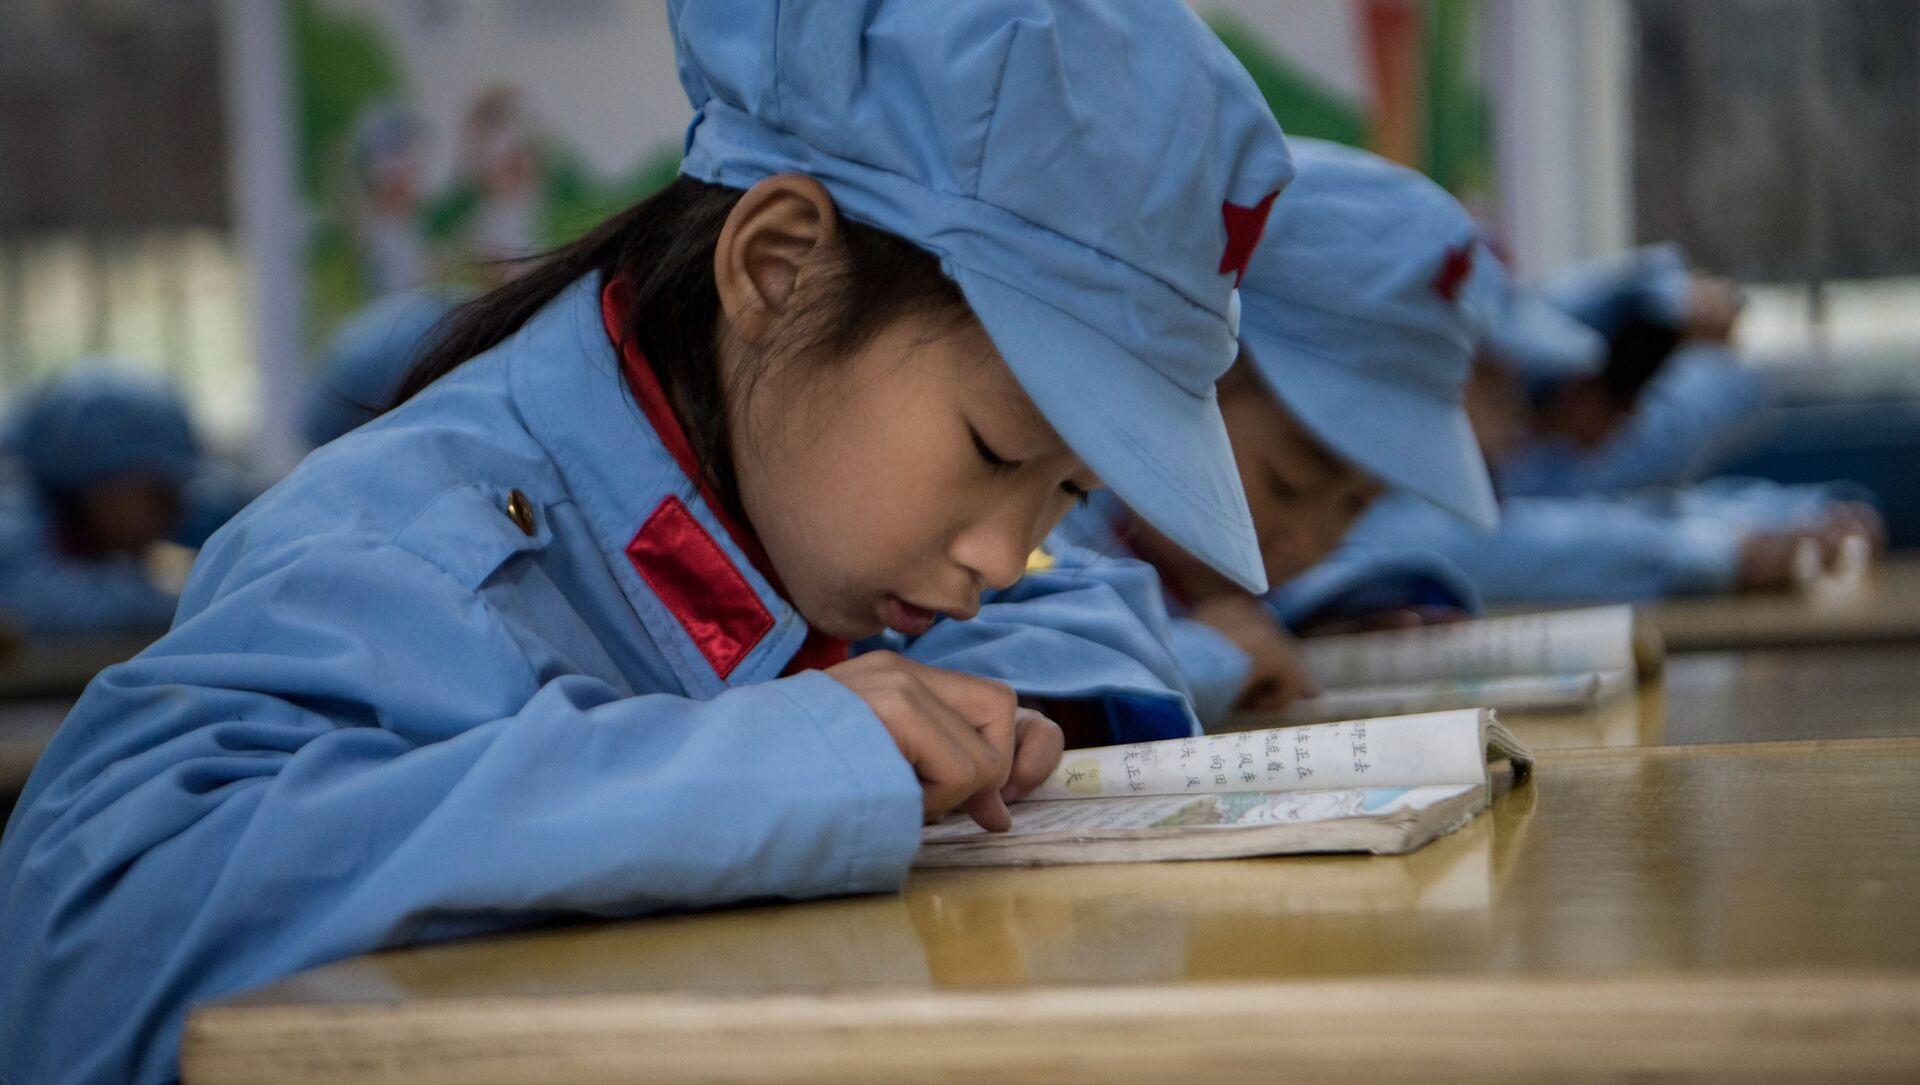 Học sinh trường tiểu học Wenshui ở tỉnh Quý Châu, Trung Quốc. - Sputnik Việt Nam, 1920, 14.08.2021